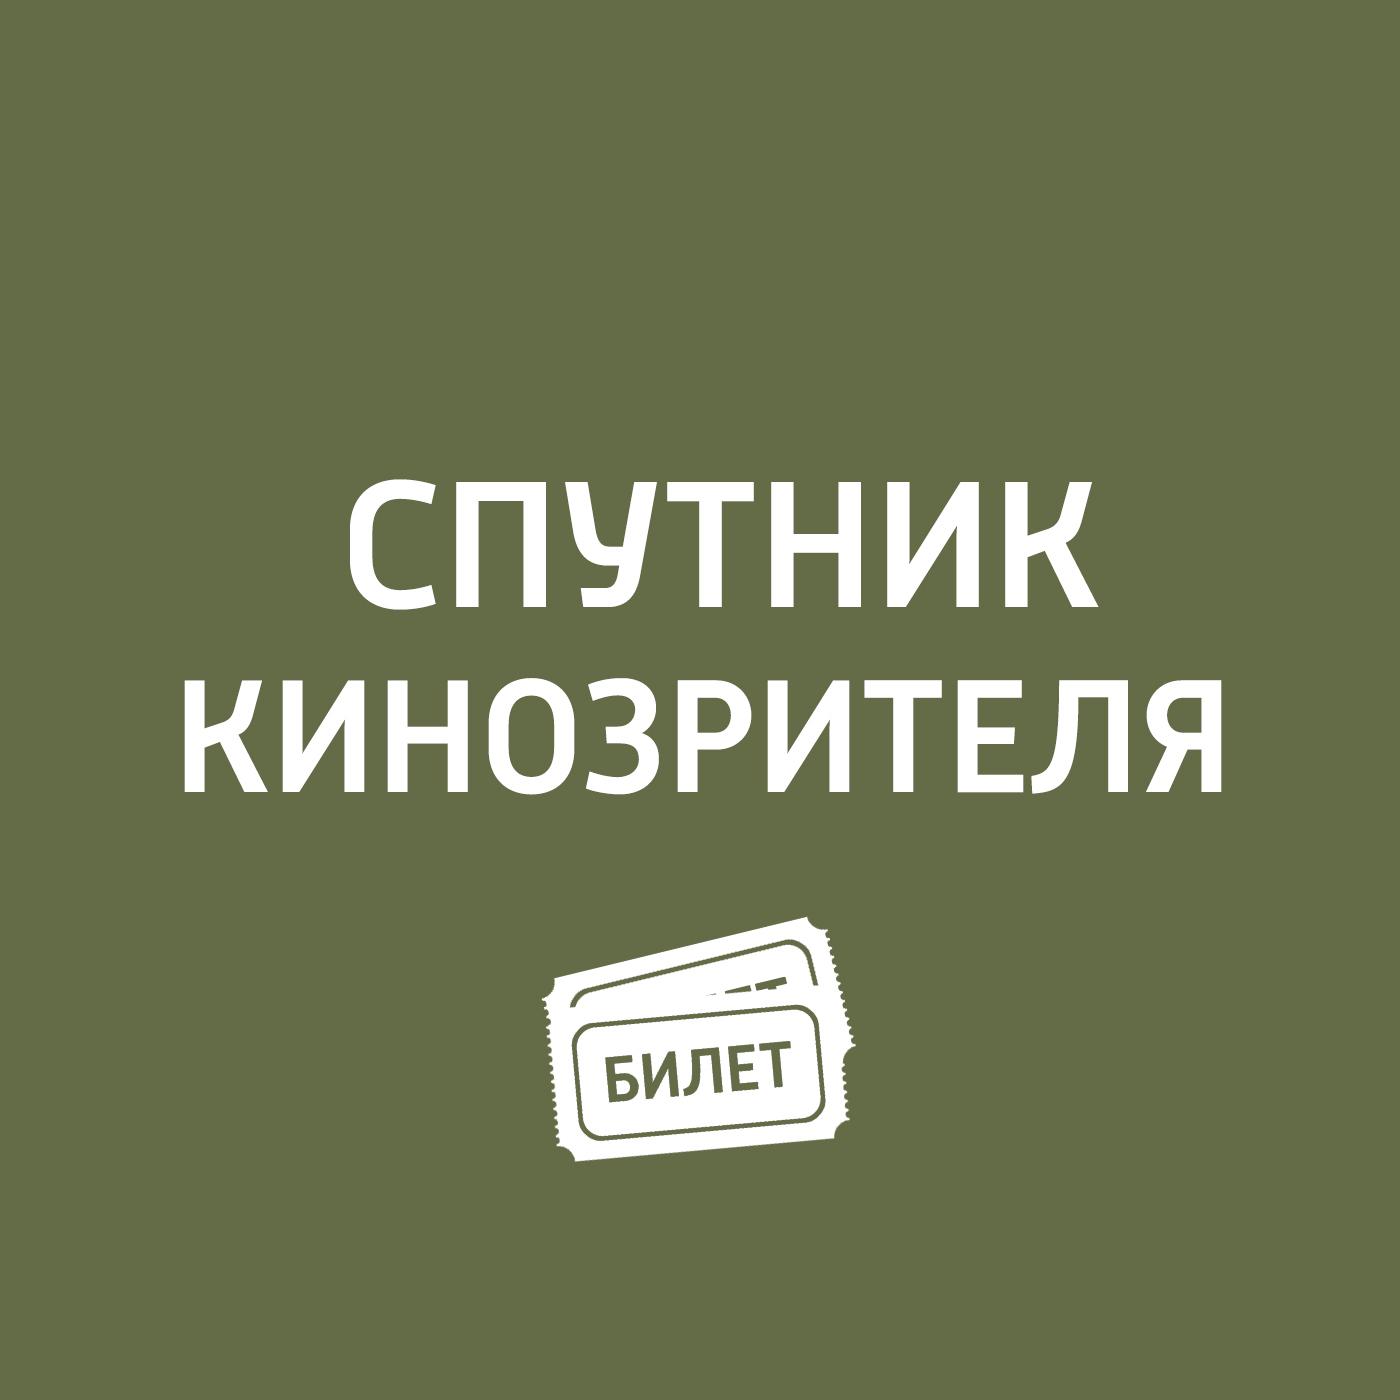 где купить Антон Долин Антон Долин о Каннском кинофестивале. 14 мая по лучшей цене